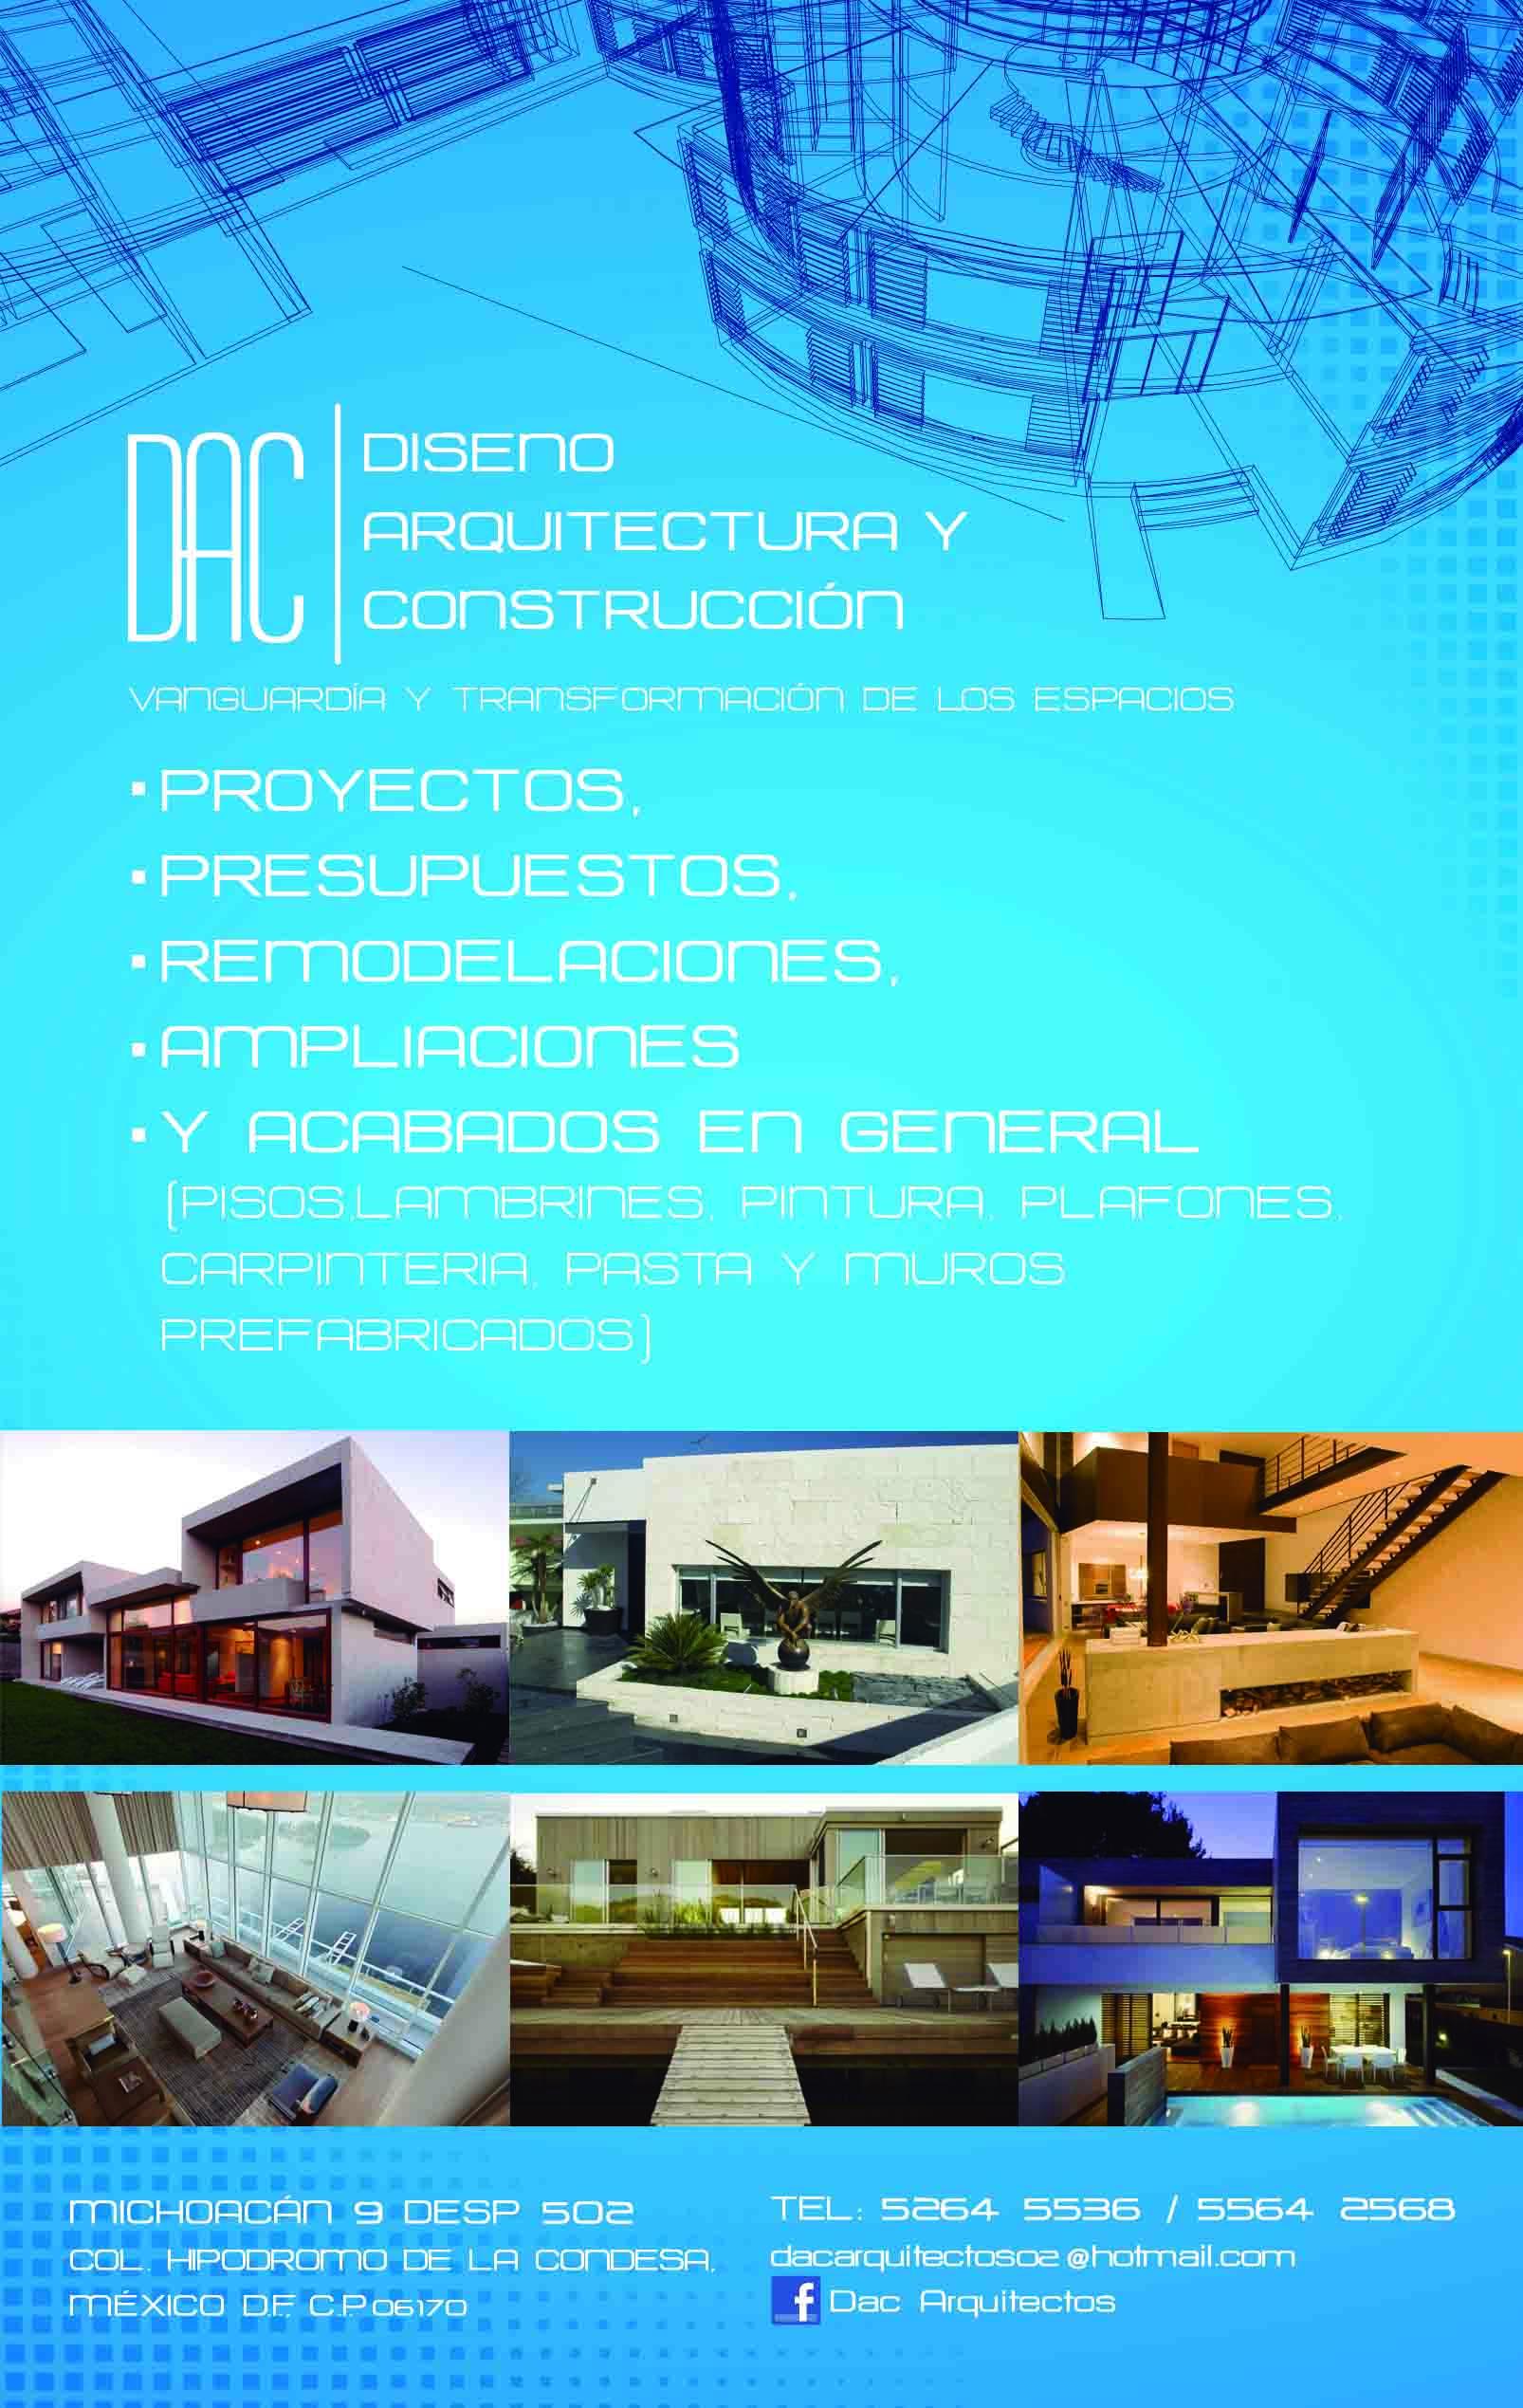 Dac Diseño Arquitectura Y Construccion